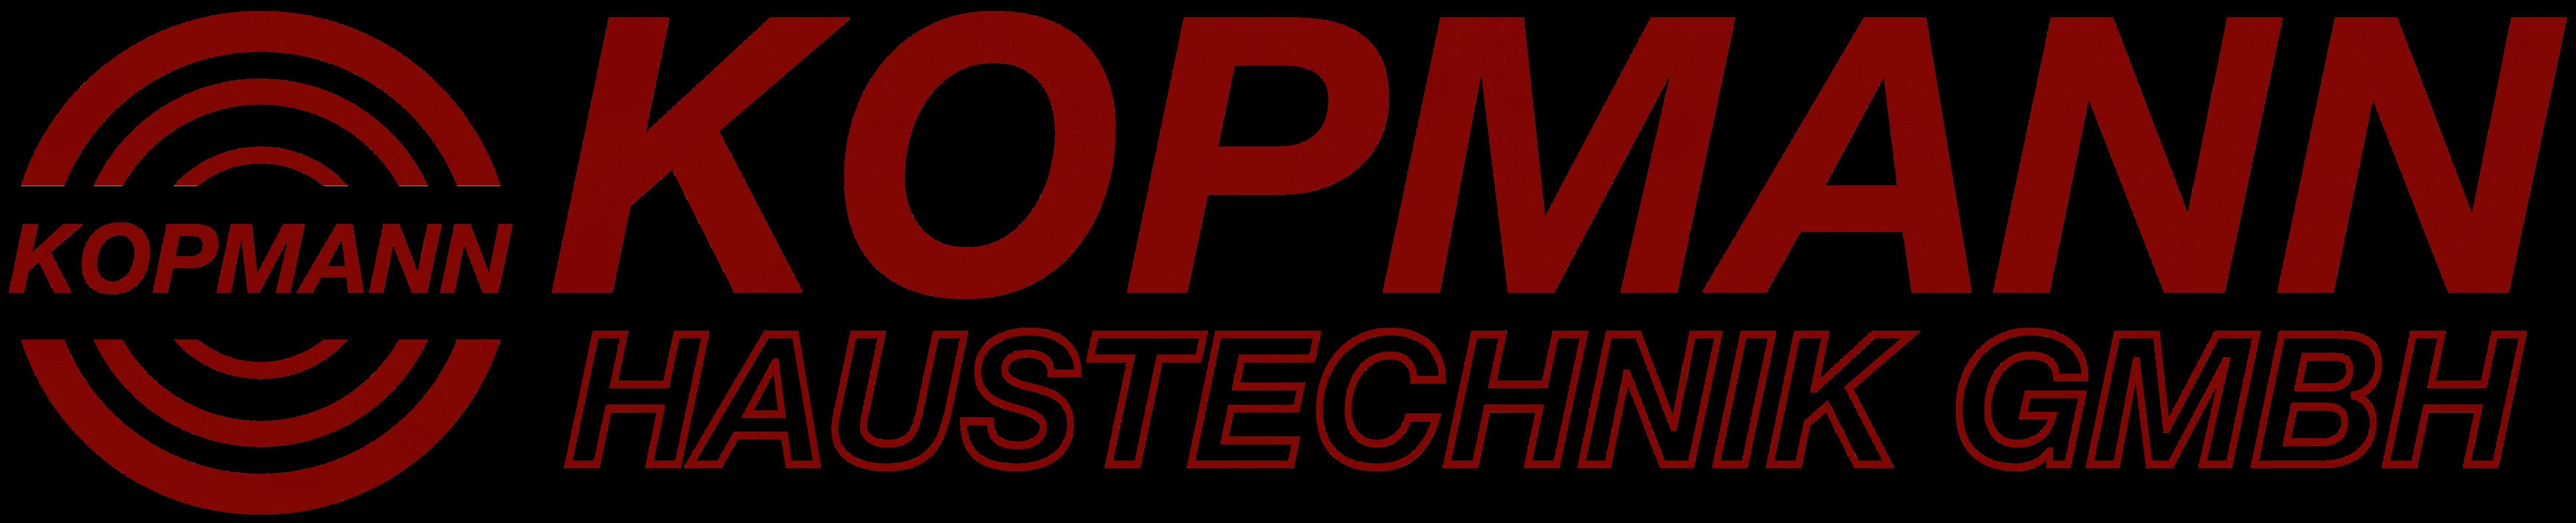 Kopmann Haustechnik GmbH